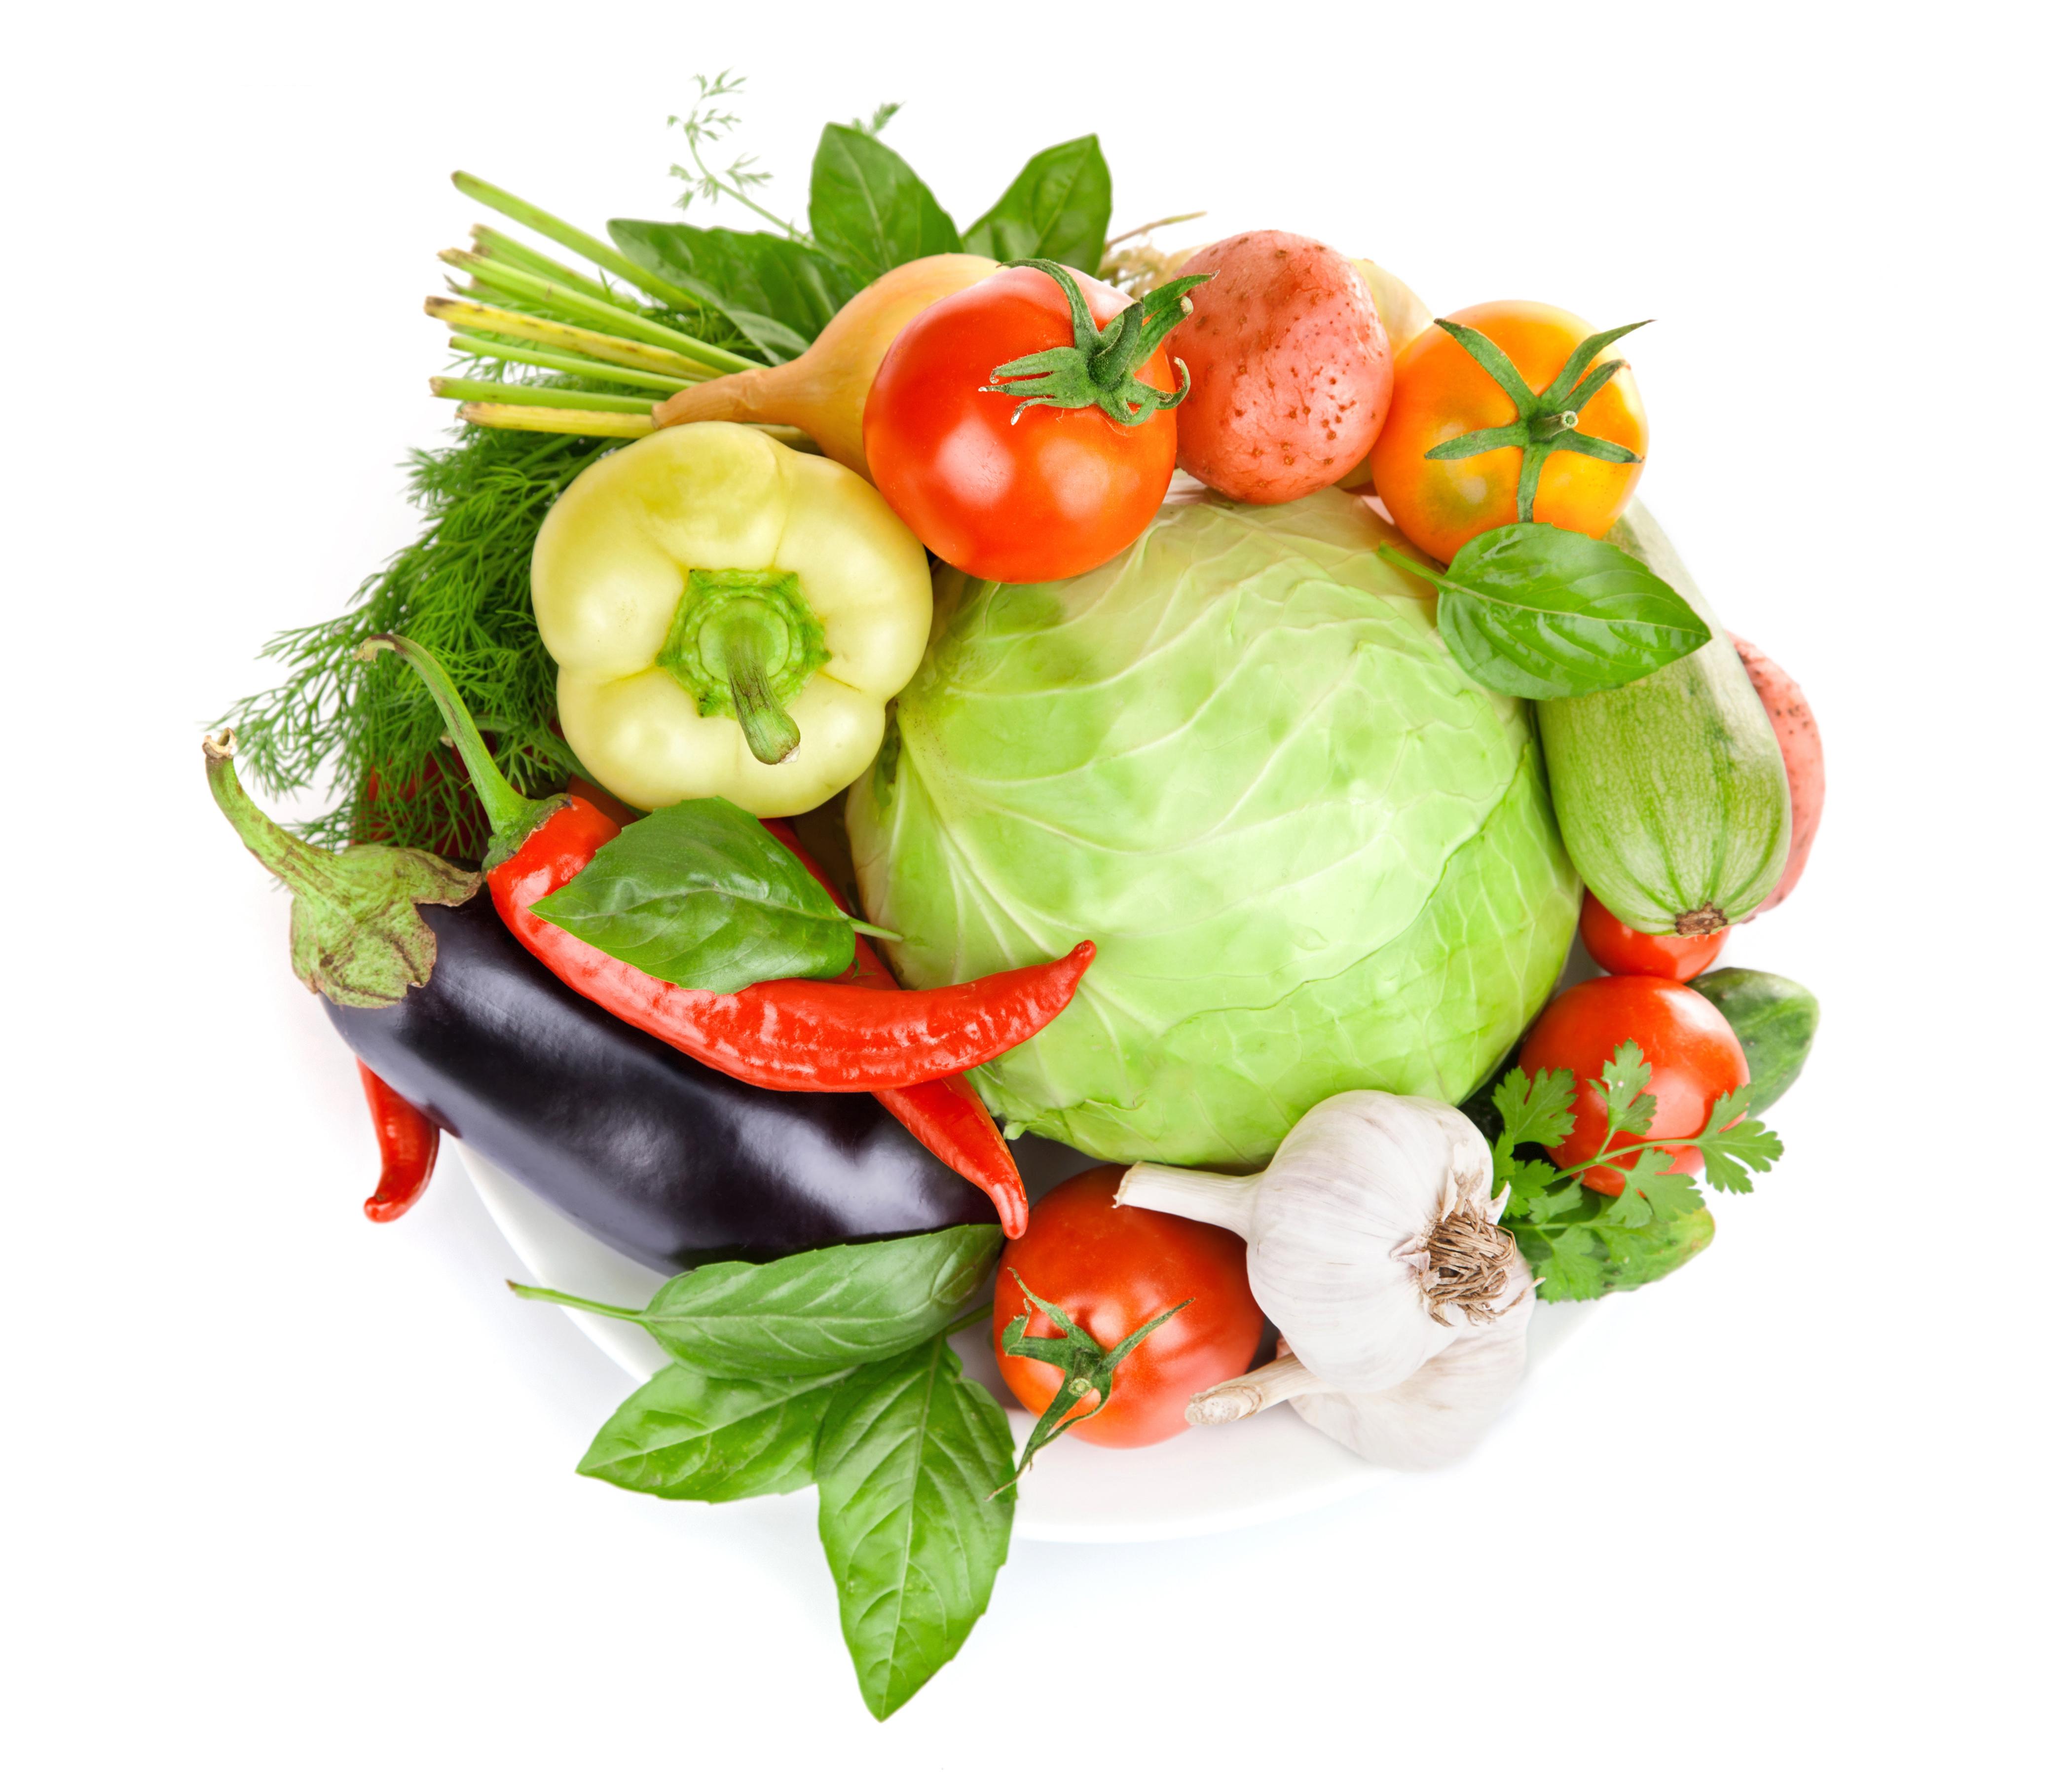 Картинка овощи прозрачный фон